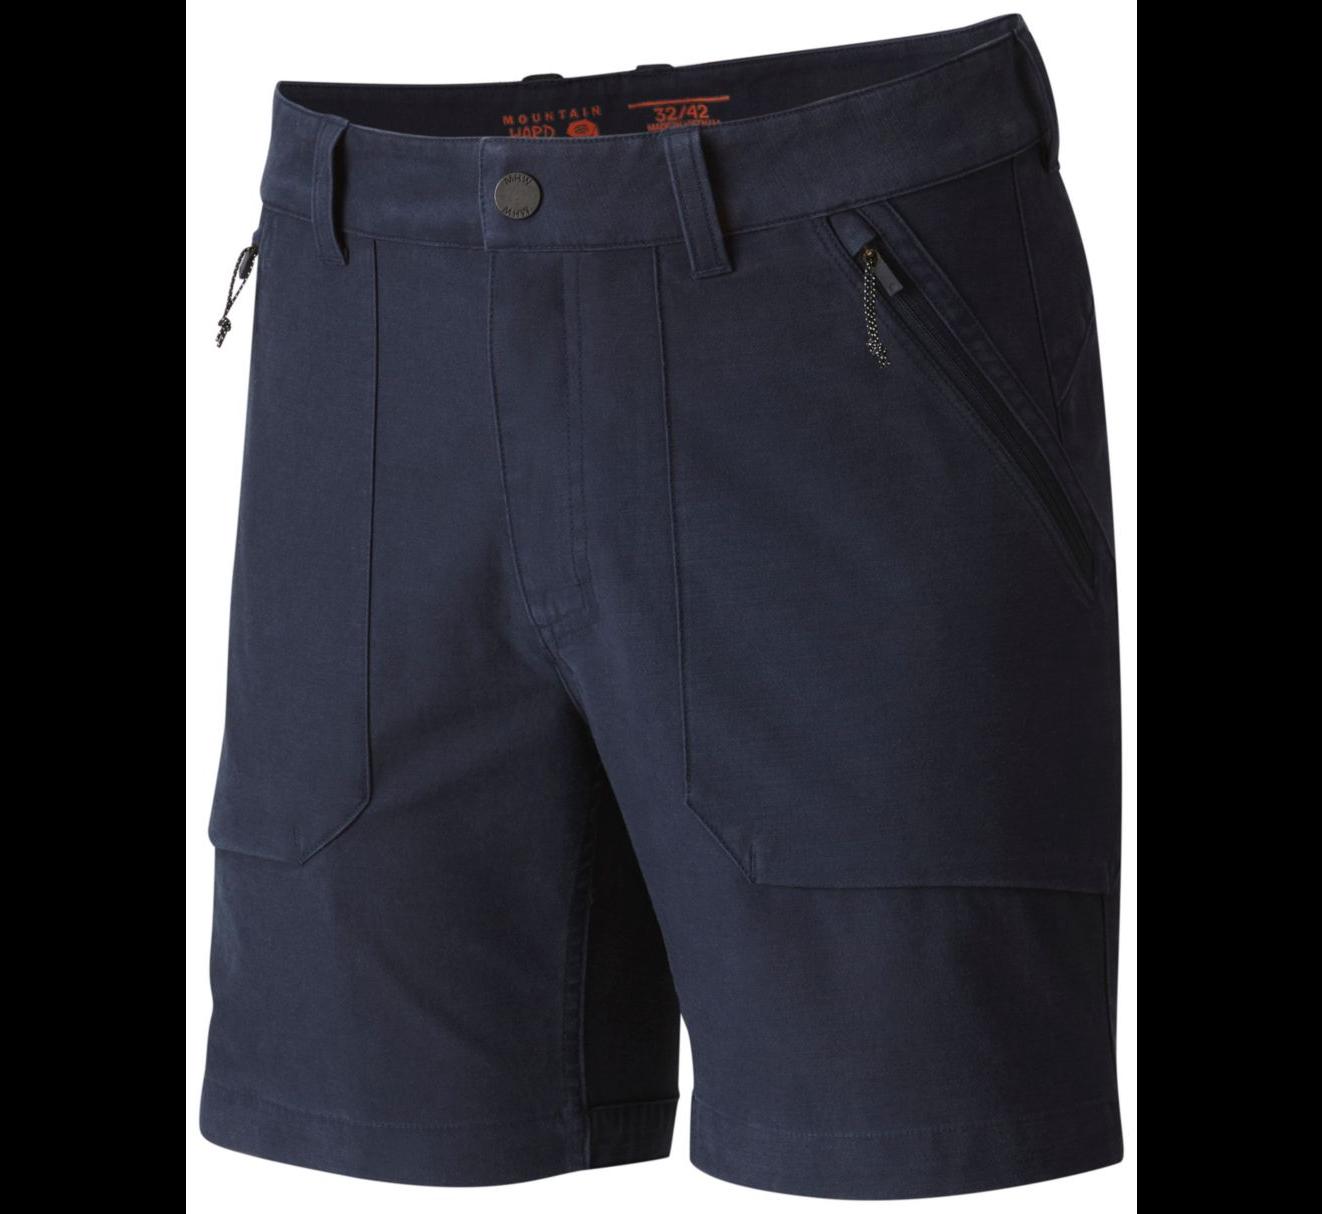 Mountian Hardwear Men's Redwood Camp™ Short JR1MHrwsm